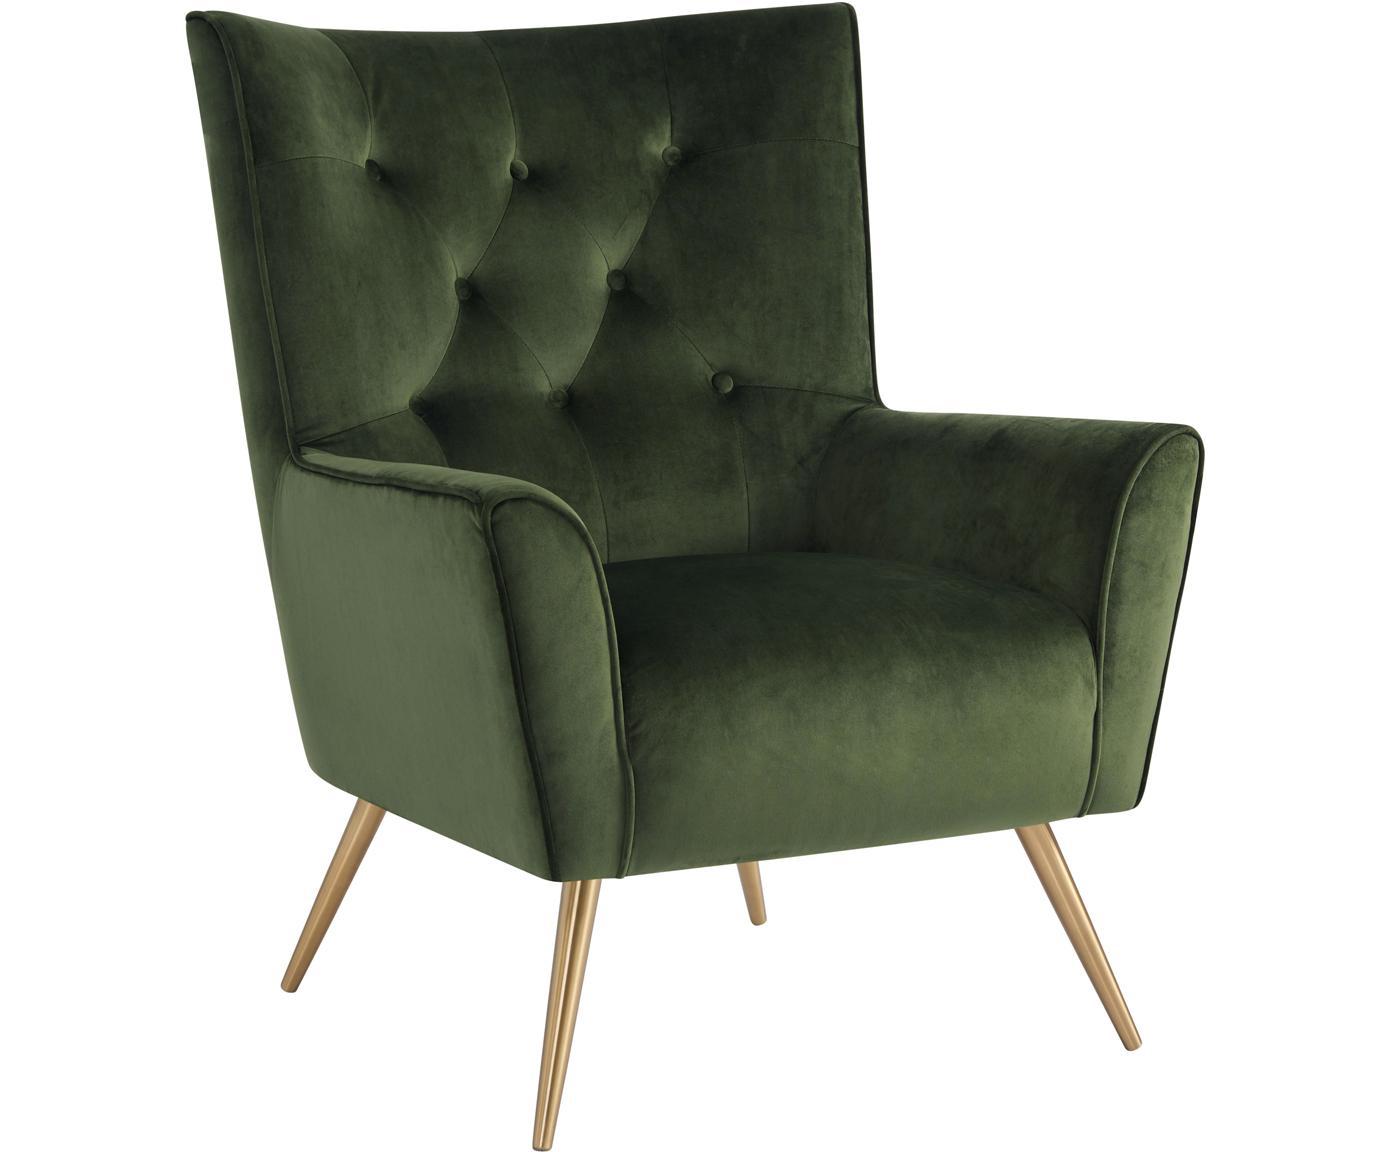 Poltrona ad ala in velluto Bodiva, Velluto di poliestere, metallo, Verde bosco, ottonato, Larg. 82 x Prof. 88 cm